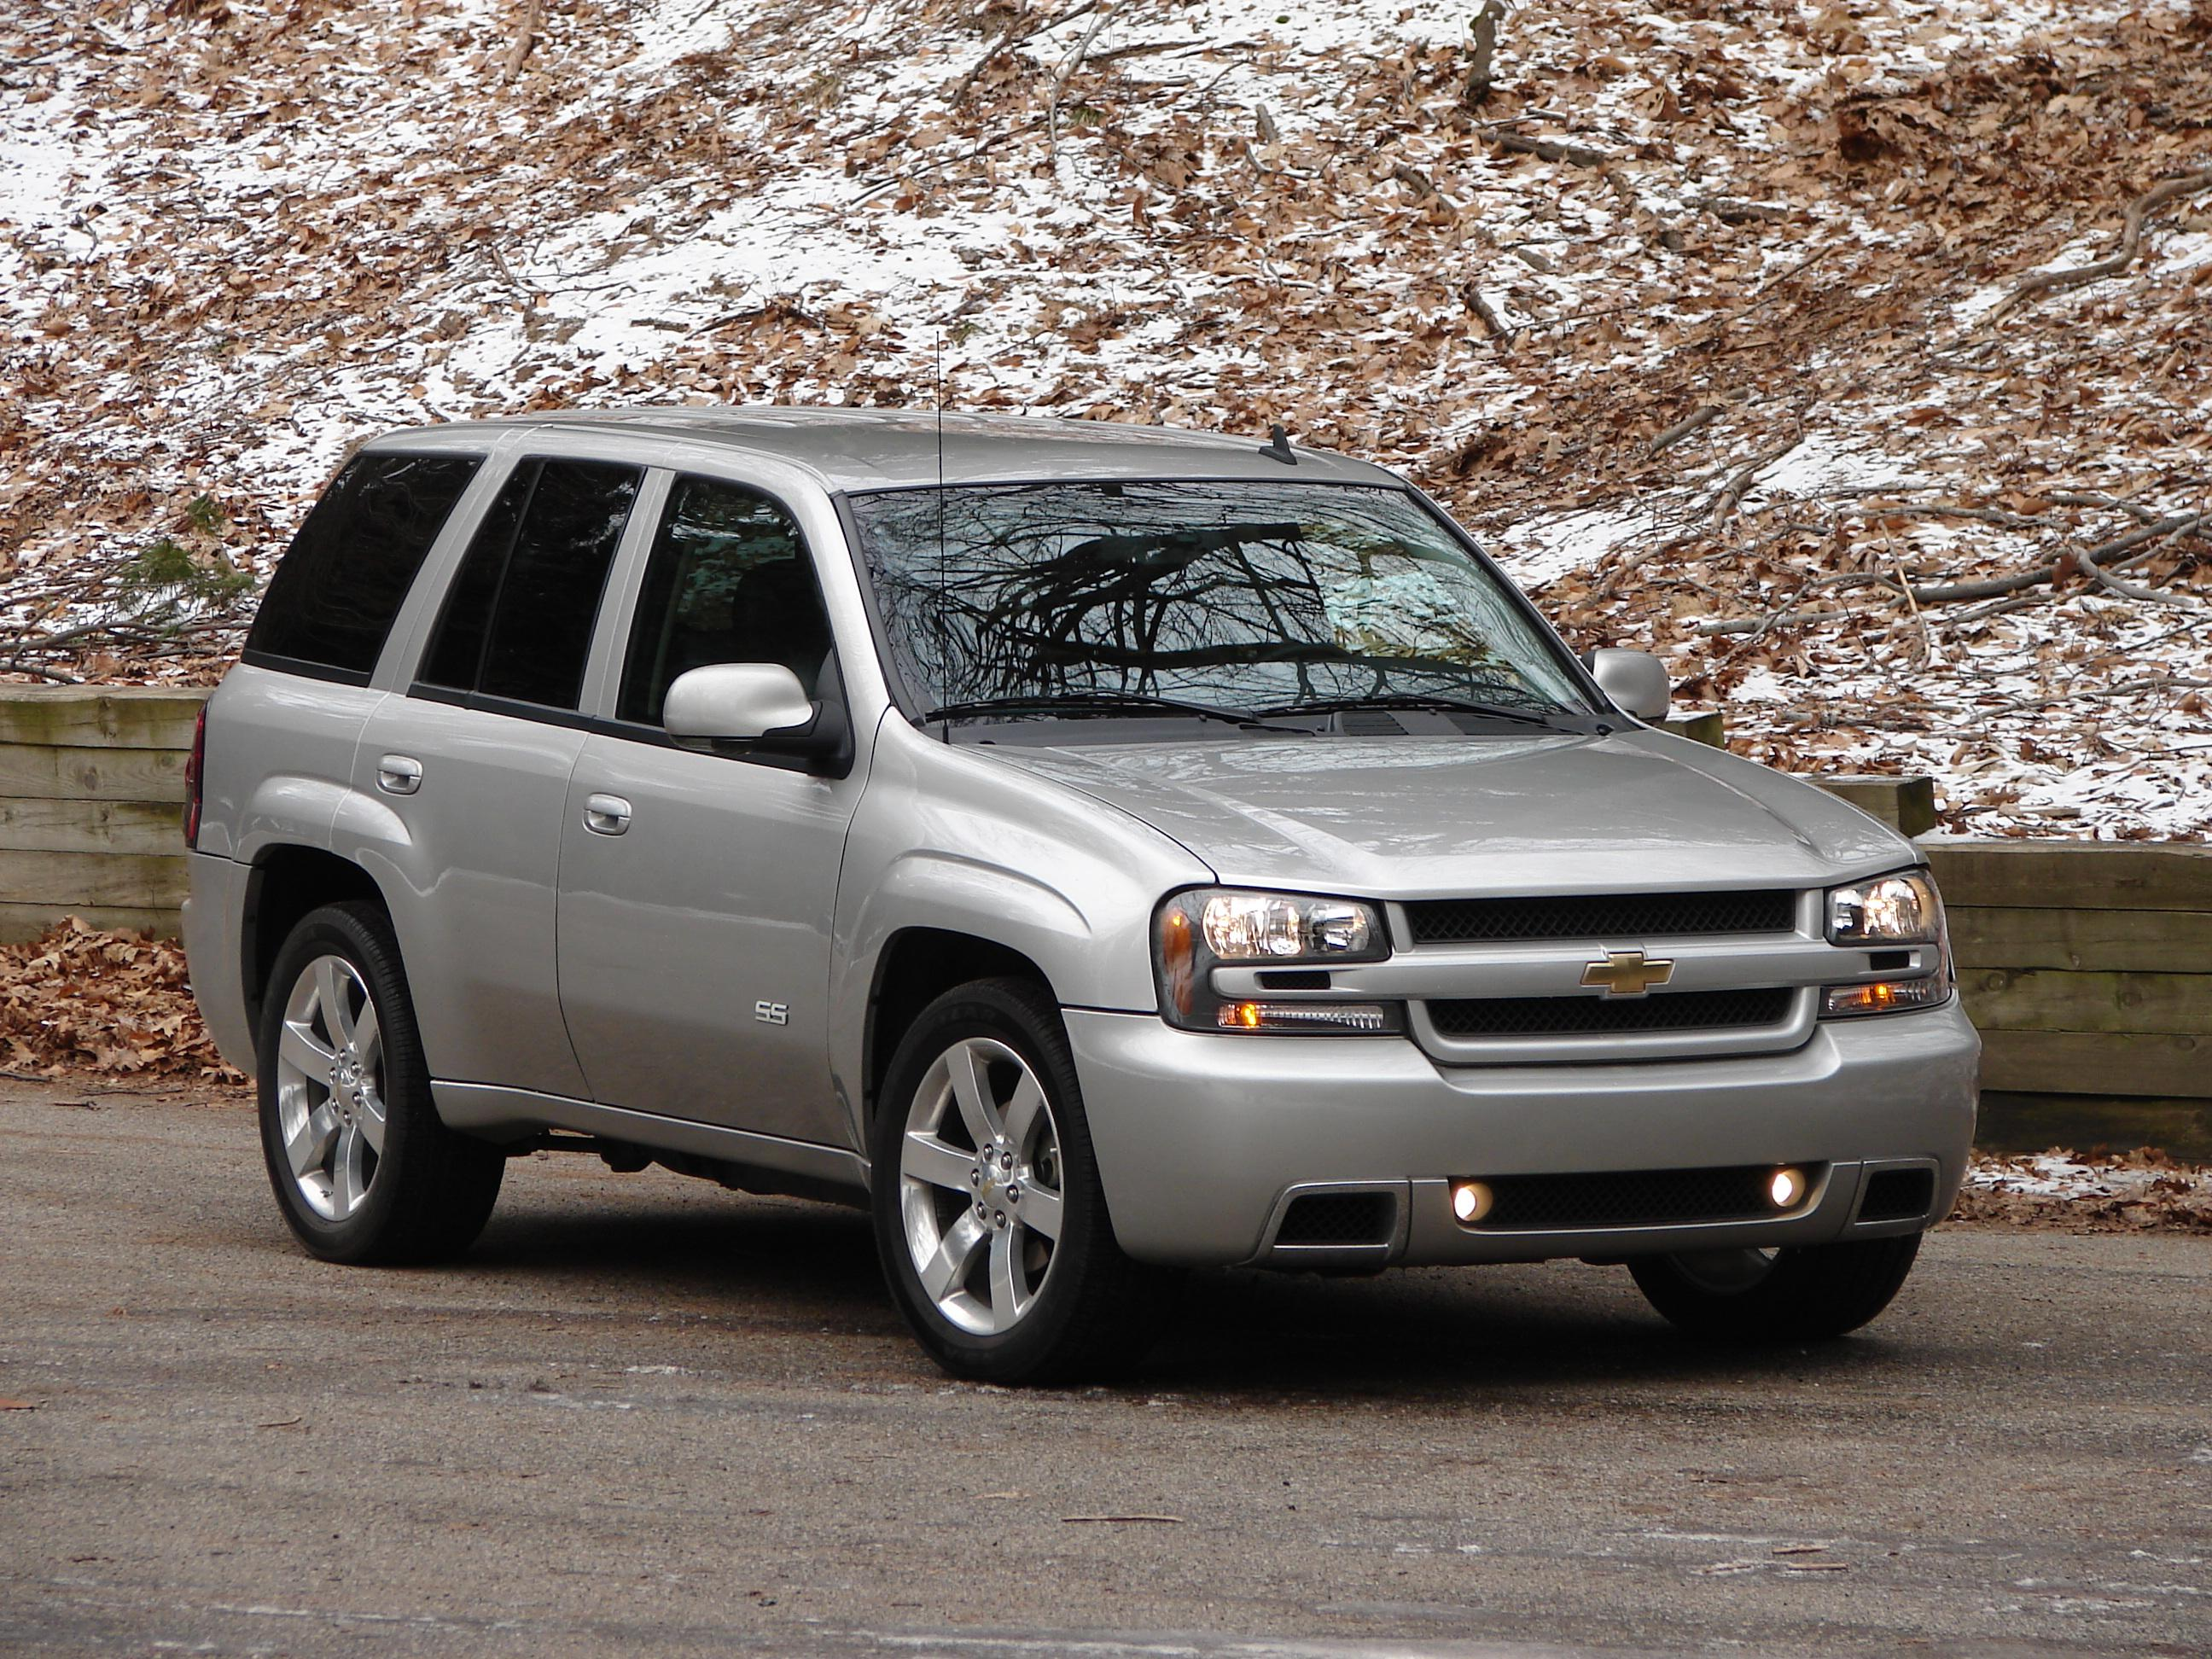 Chevrolet Trailblazer 2004 foto - 5